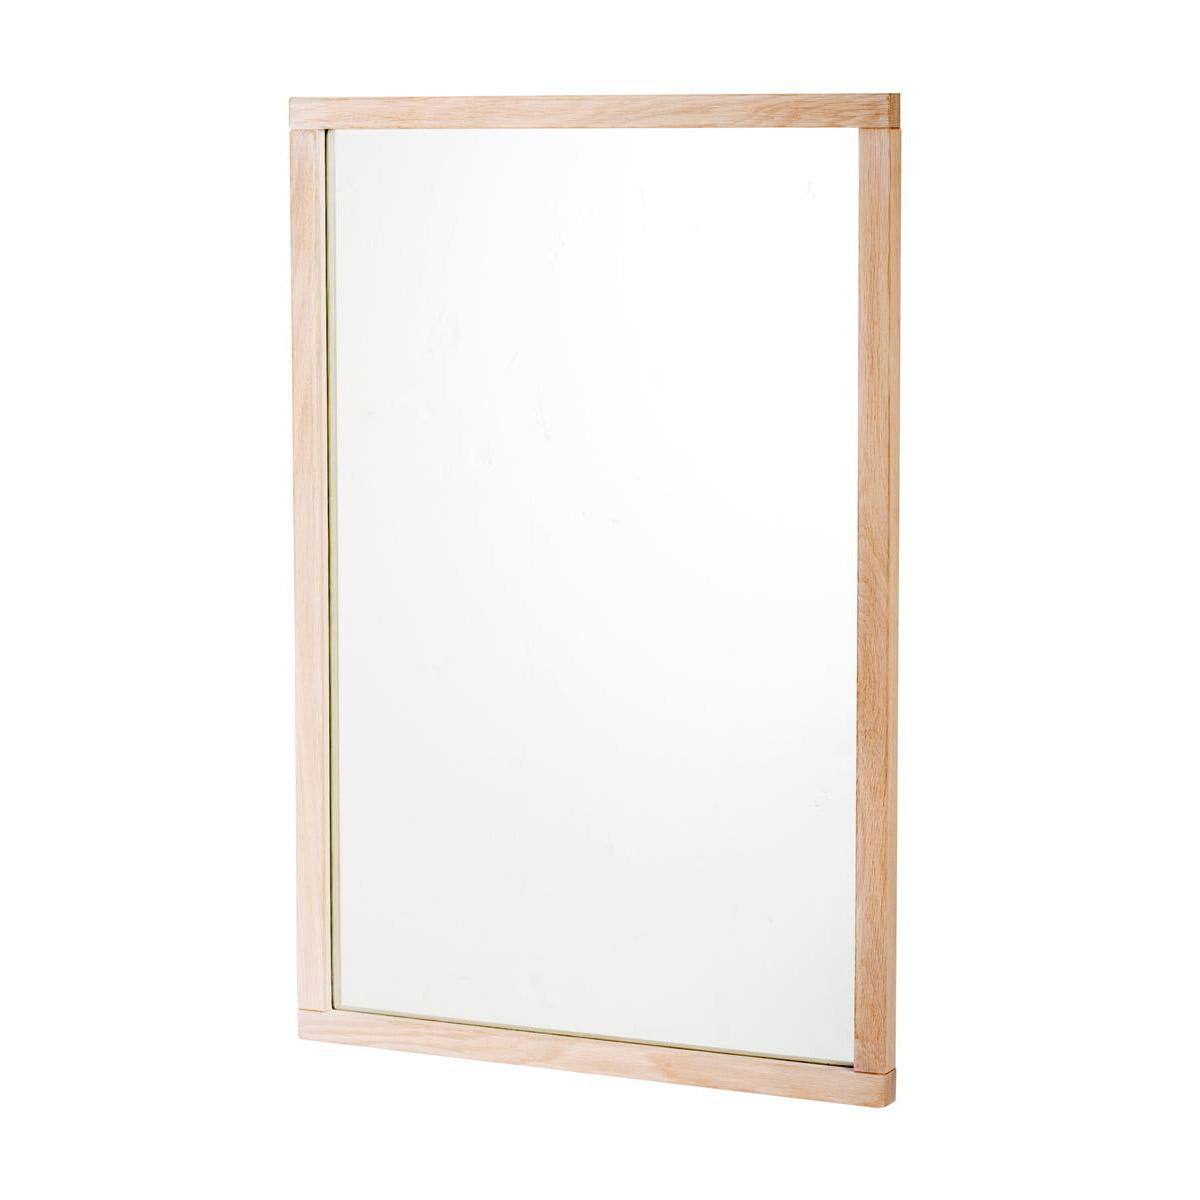 Confetti spegel 60x90 ww